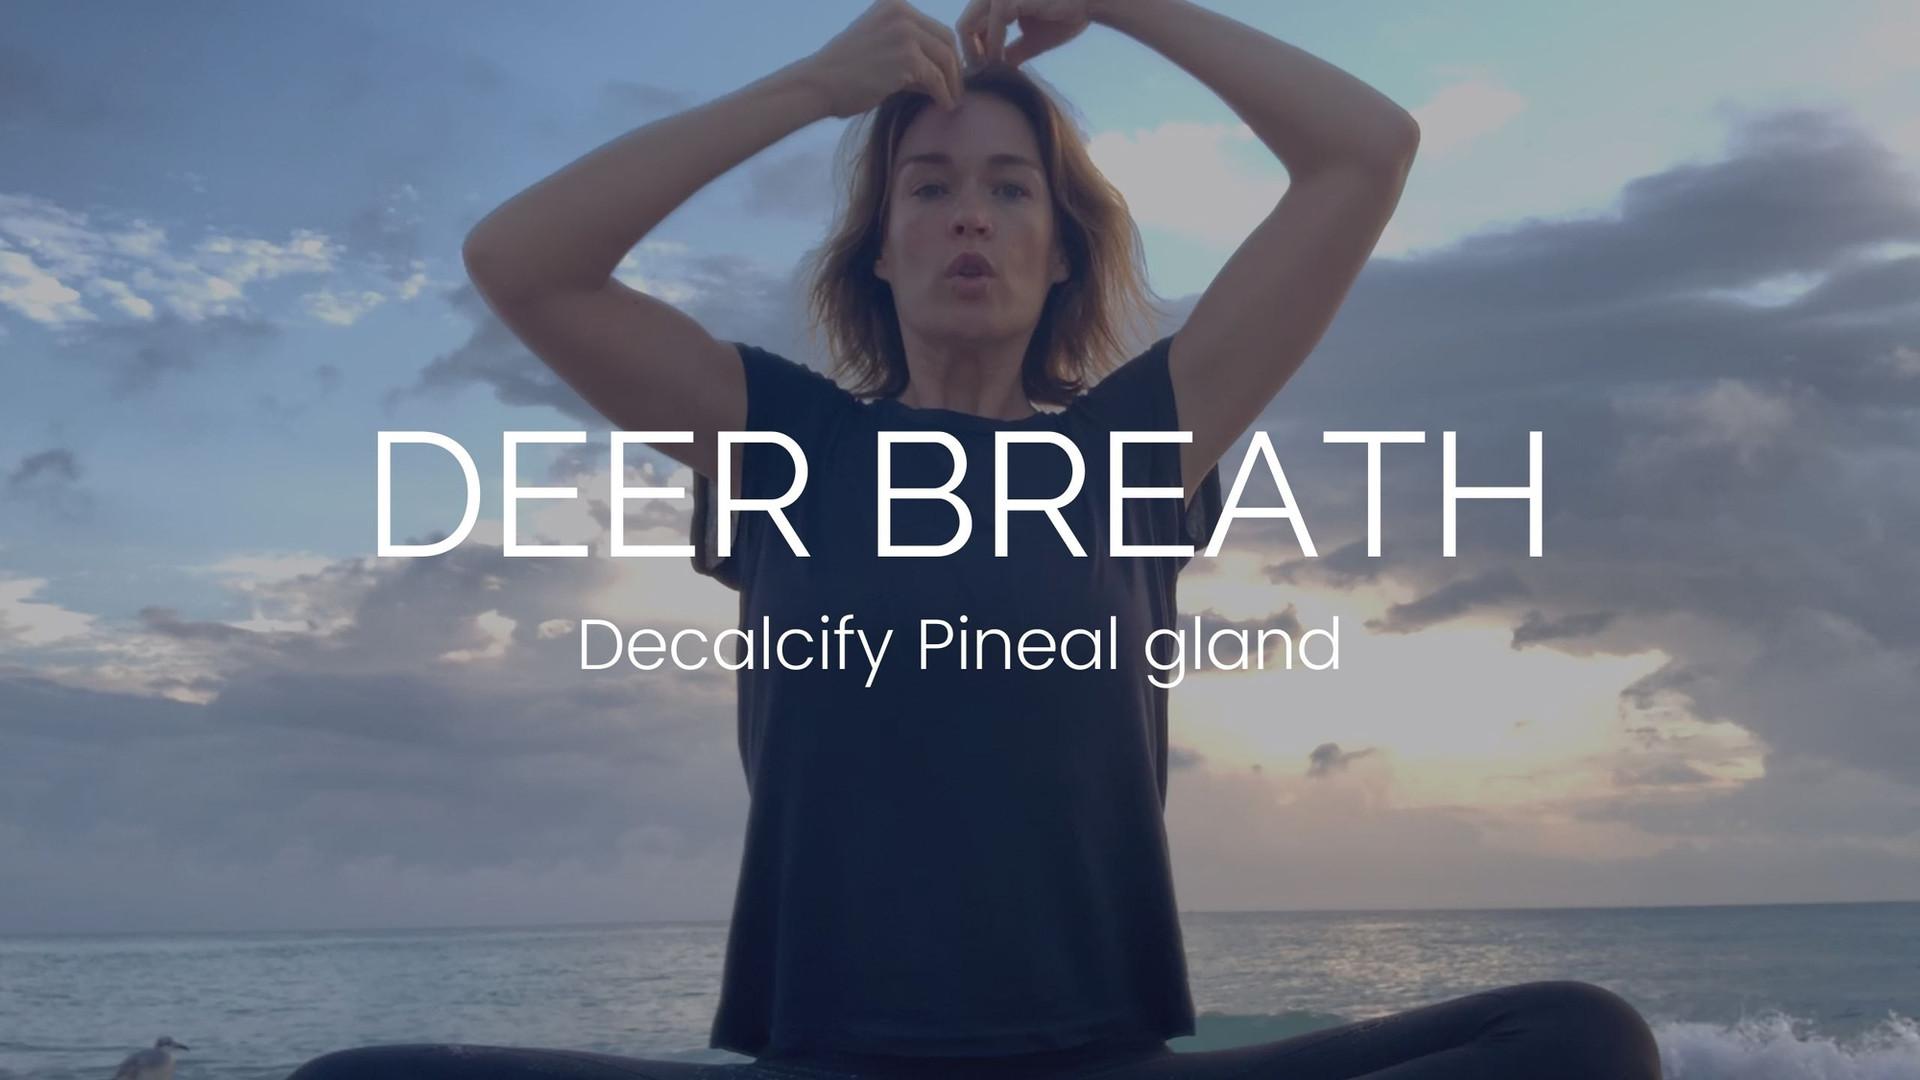 DEER BREATH